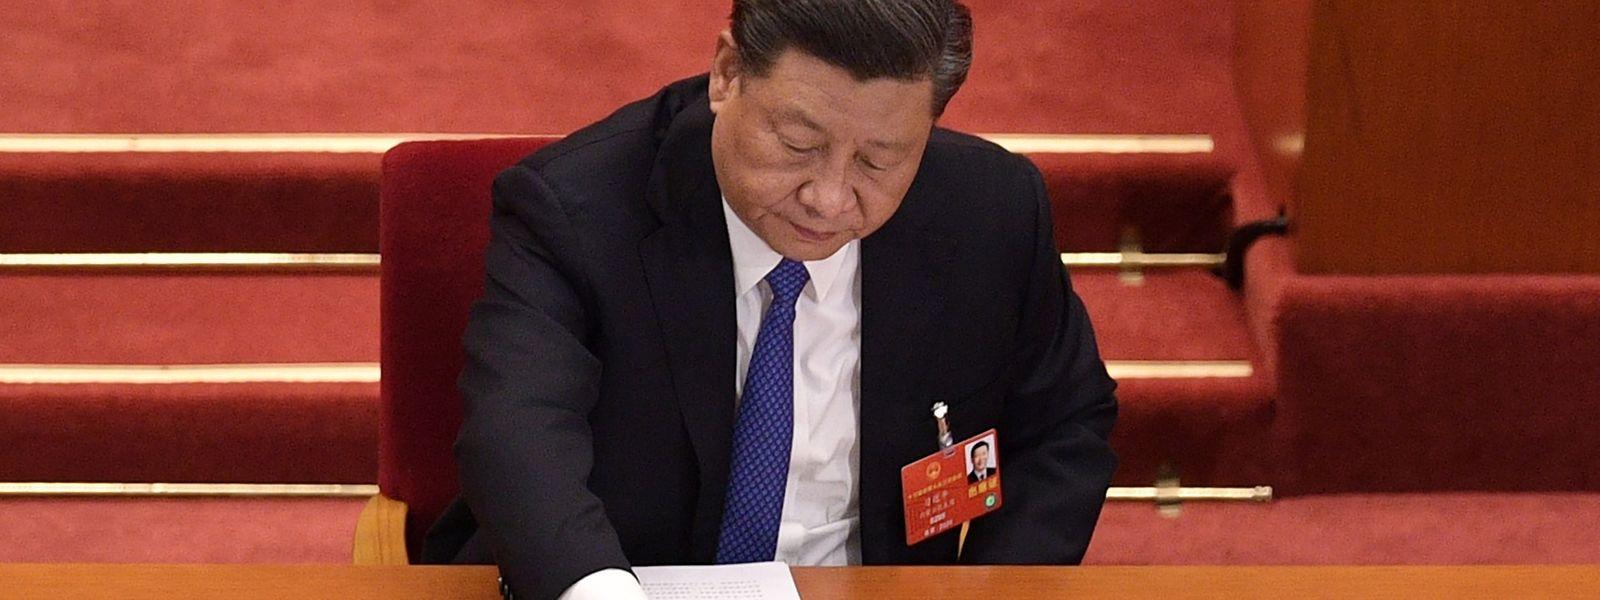 Der chinesische Präsident Xi Jinping macht Ernst und stimmt für das umstrittene Sicherheitsgesetz für Hongkong.